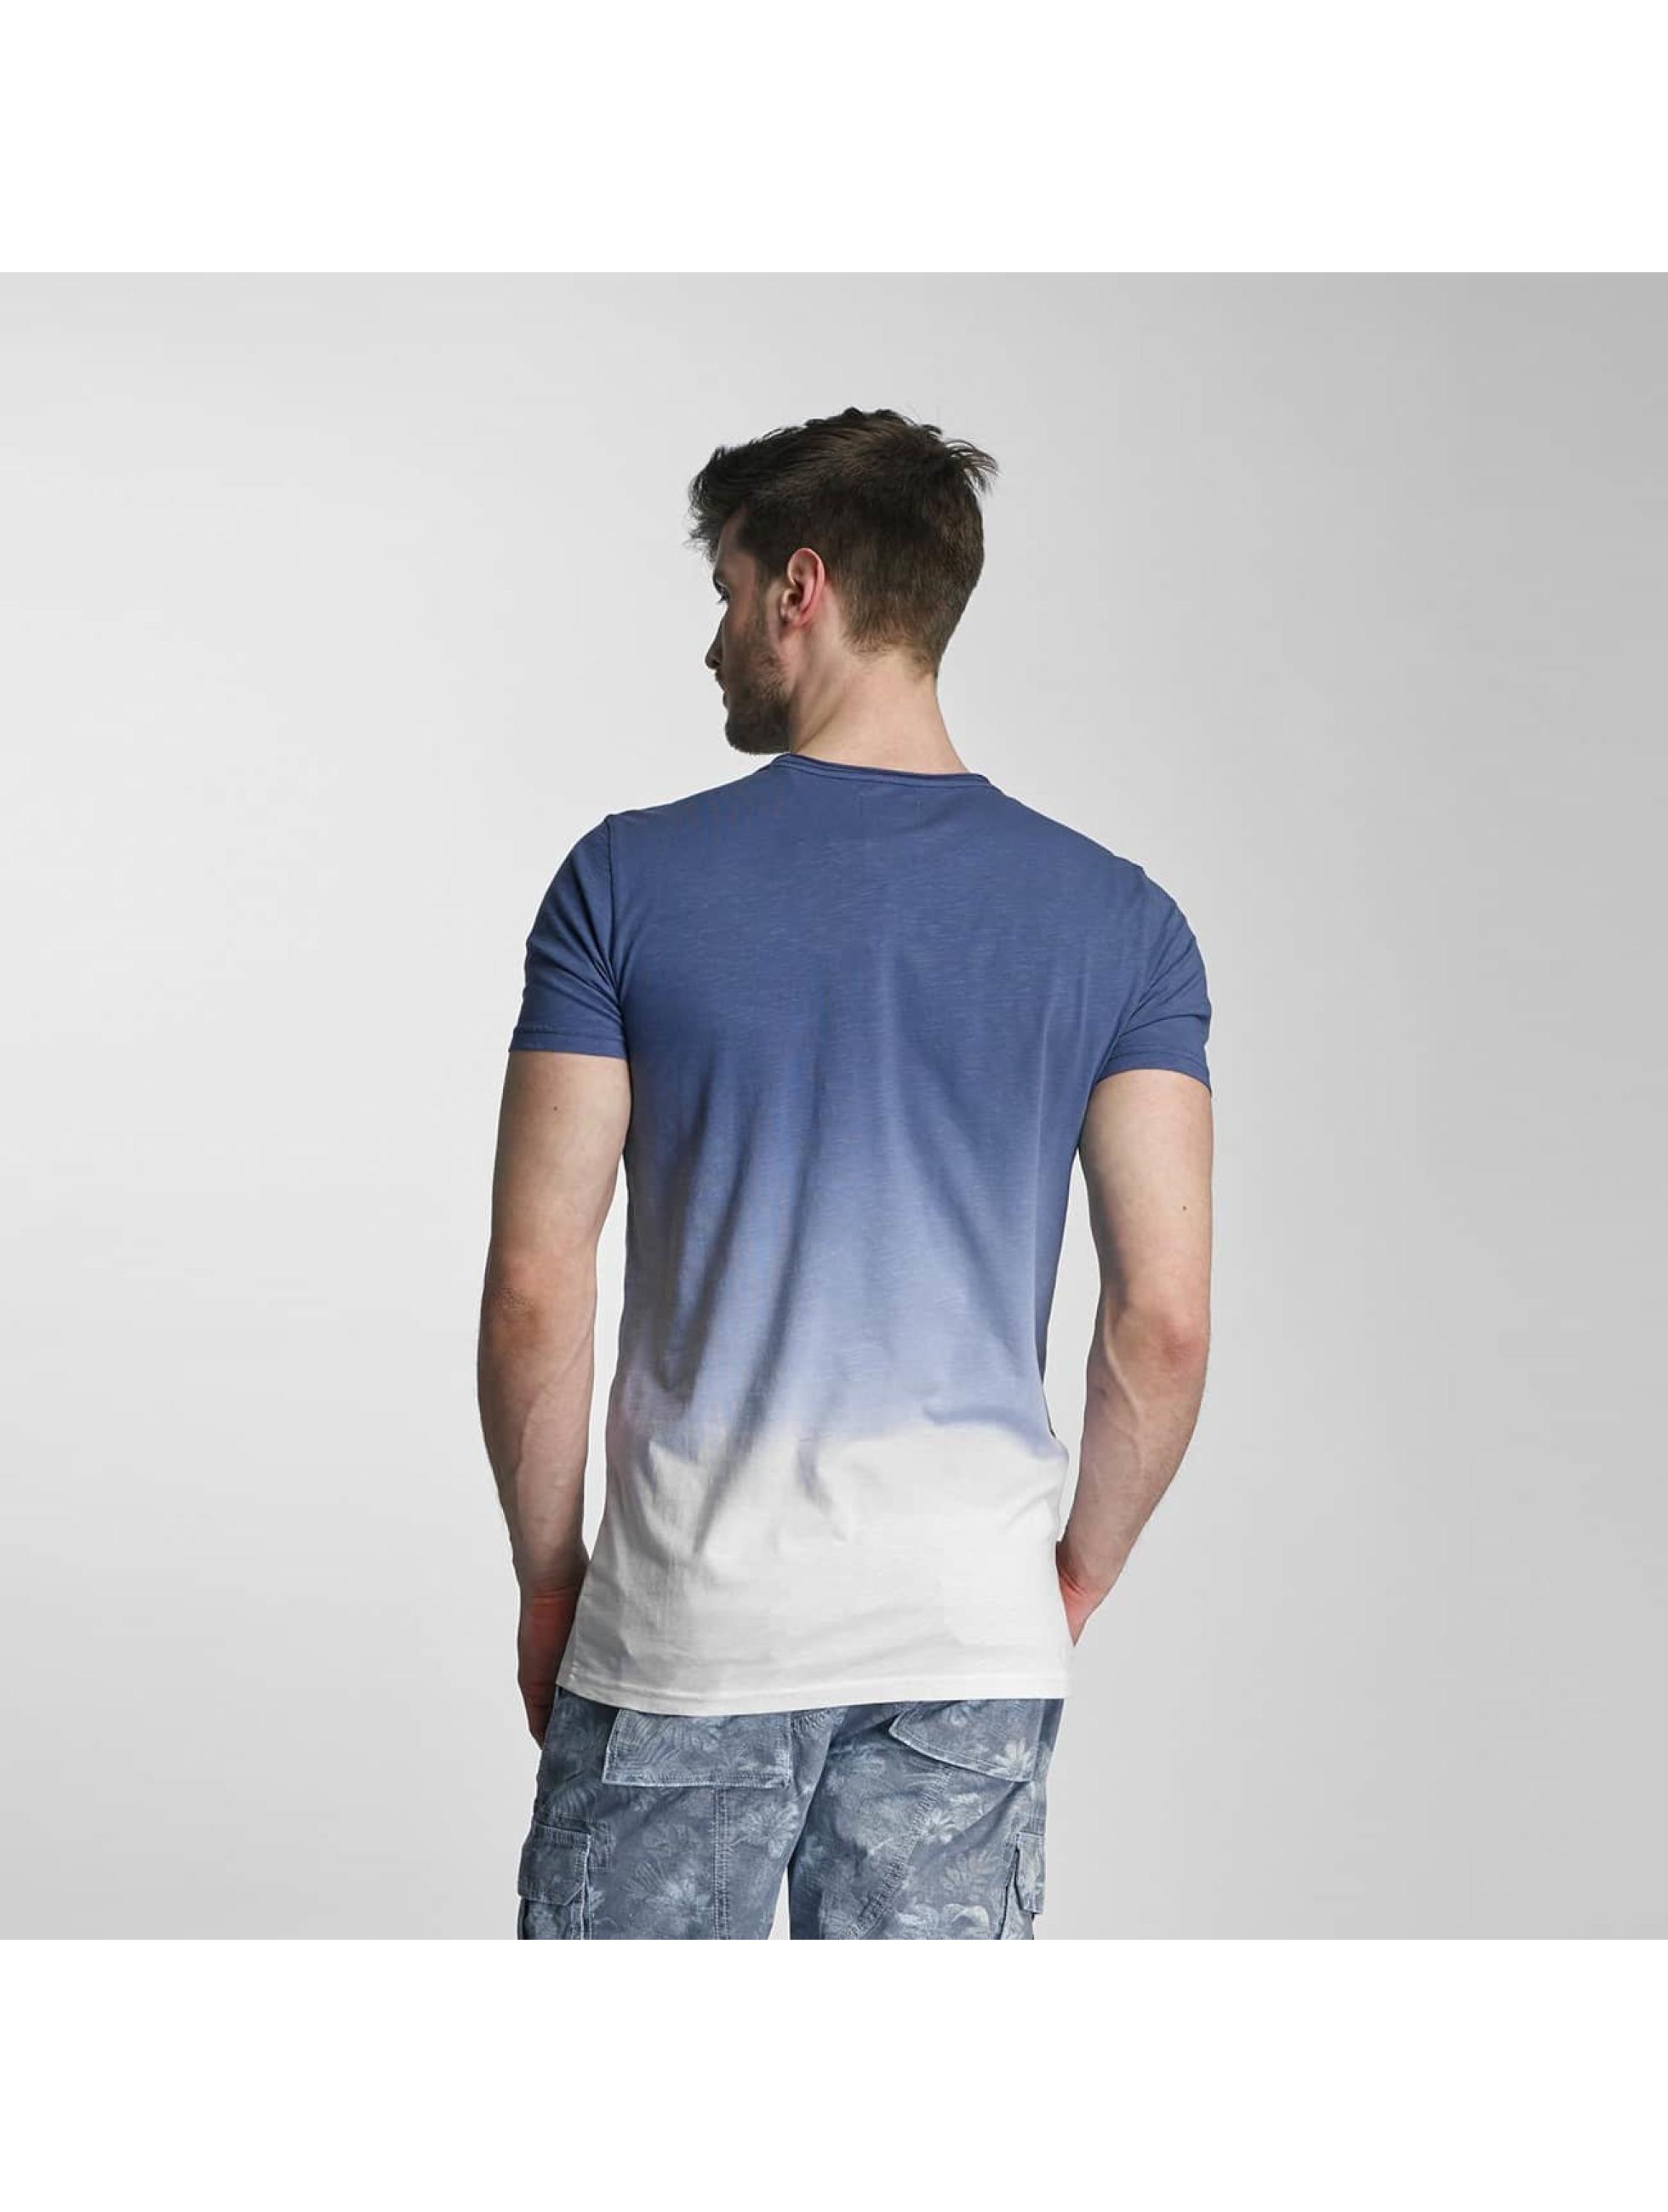 SHINE Original Tričká Dip Dyed modrá